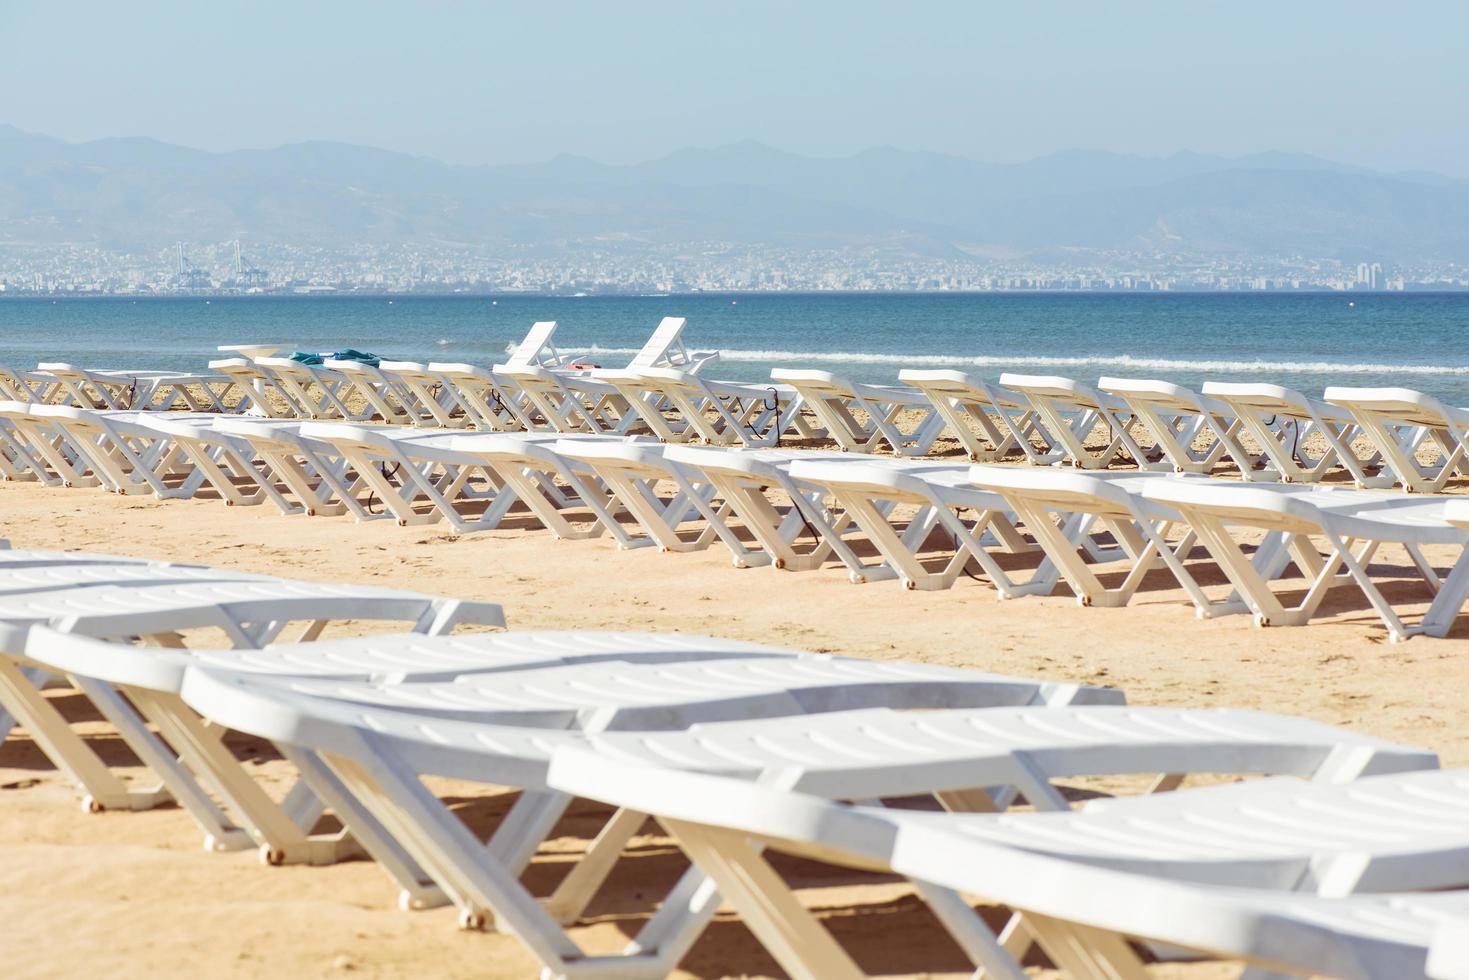 espreguiçadeiras vazias na praia foto